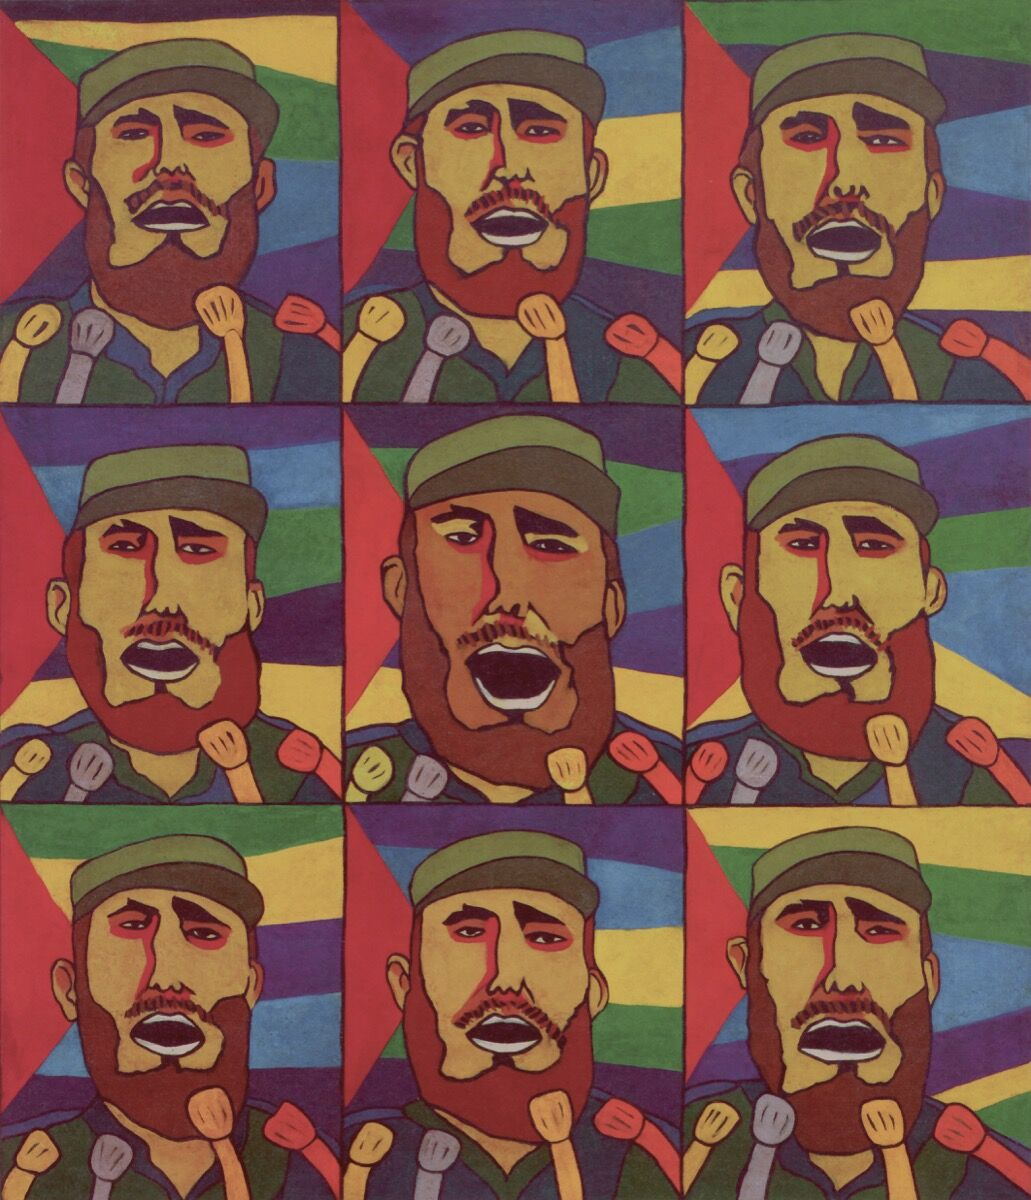 Raúl Martínez, 9 Repeticiones del Fidel con Micrófono [9 Repetitions of Fidel with a Microphone], 1968. © Archivo Raúl Martinez. Courtesy of the Walker Art Center.